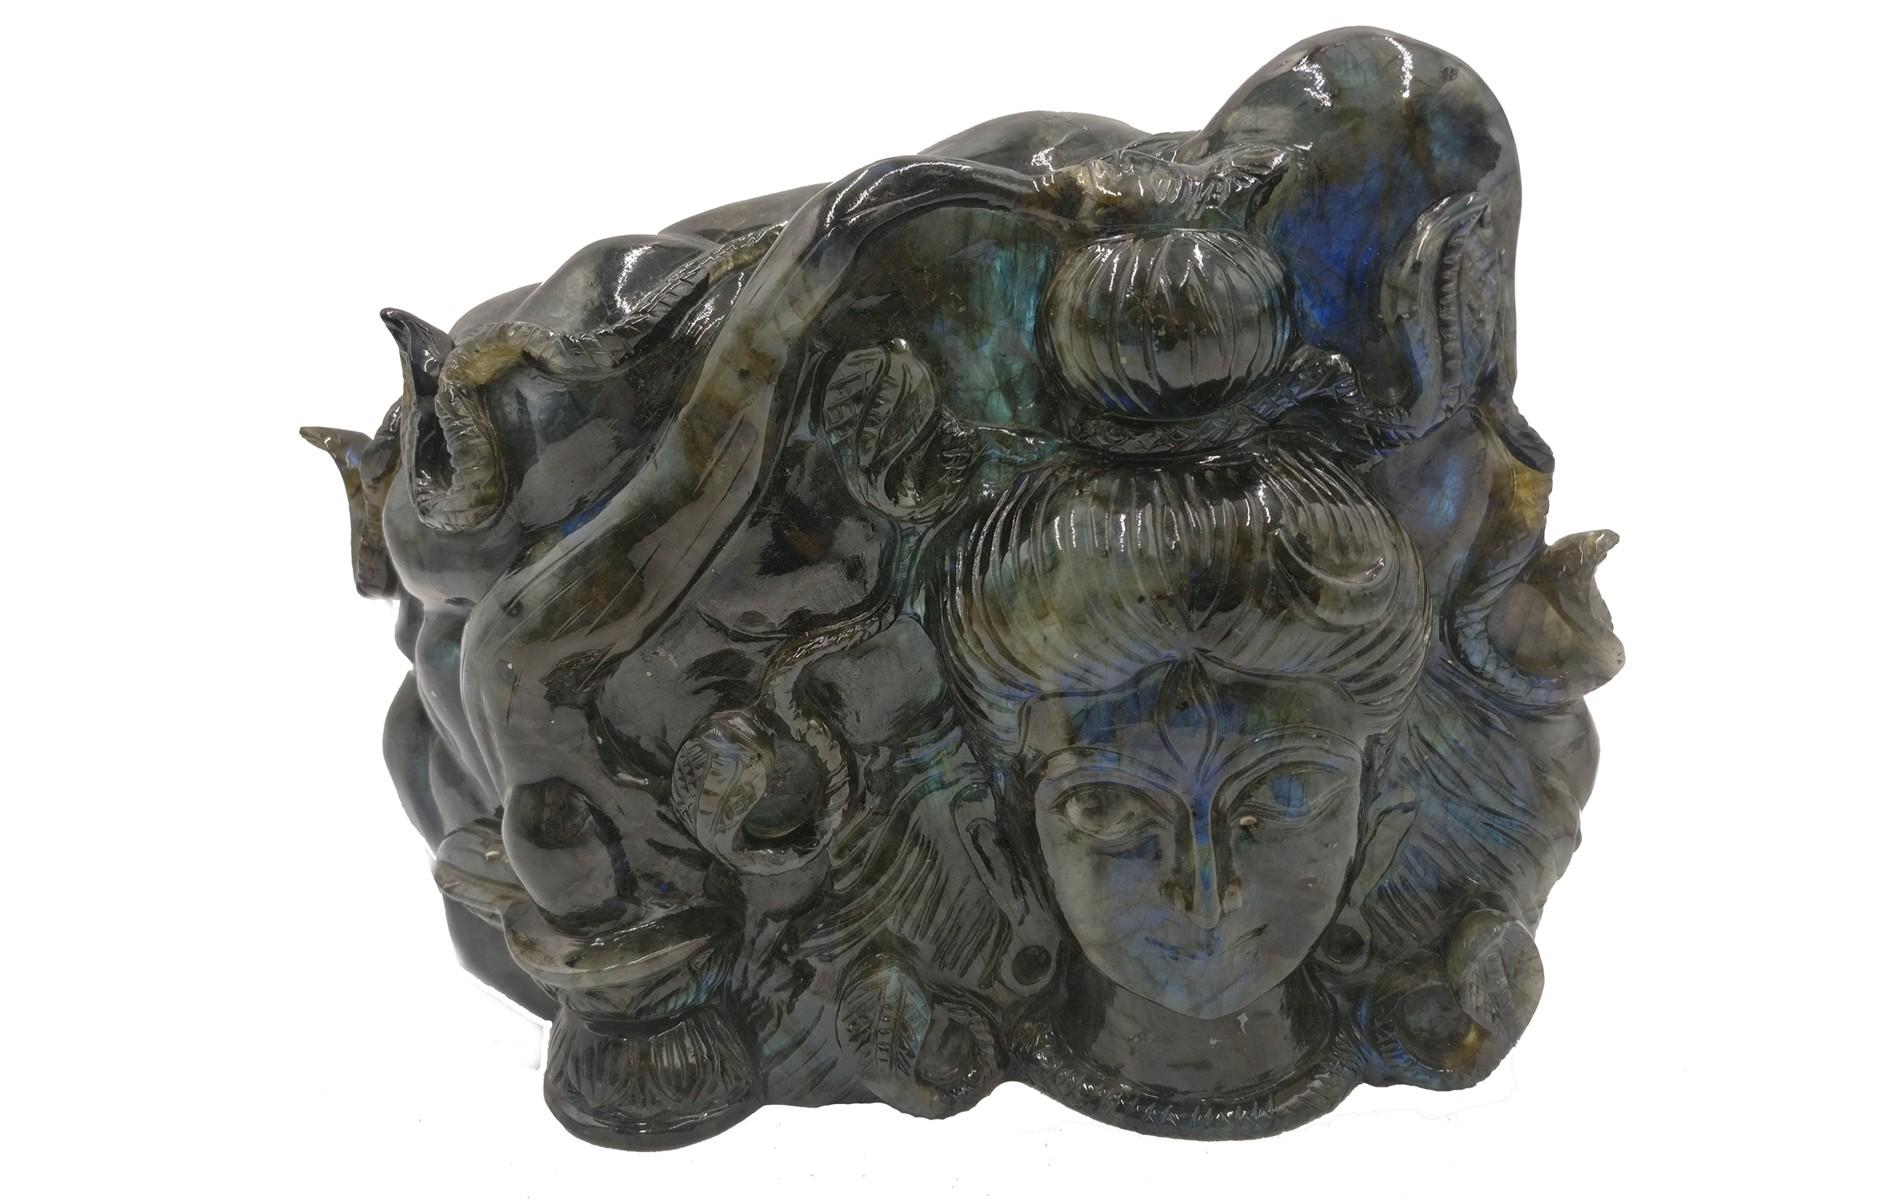 Shiva Statue in Black Rainbow Labradorite Stone